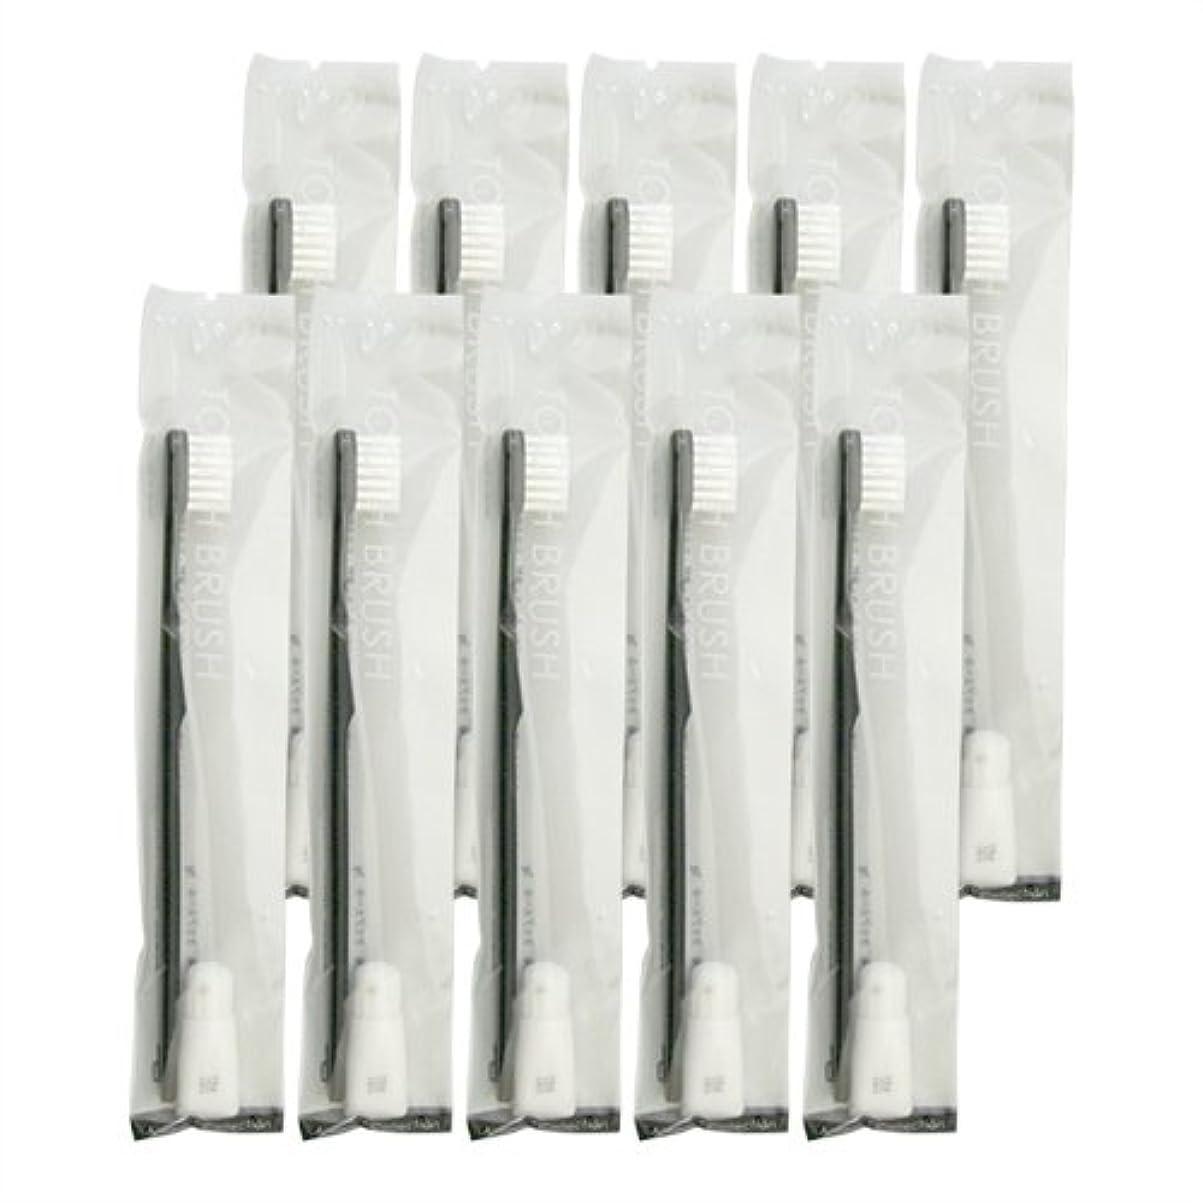 ふつう蒸発する差別する業務用 使い捨て歯ブラシ チューブ歯磨き粉(3g)付き ブラック 10本セット│ホテルアメニティ 個包装タイプ